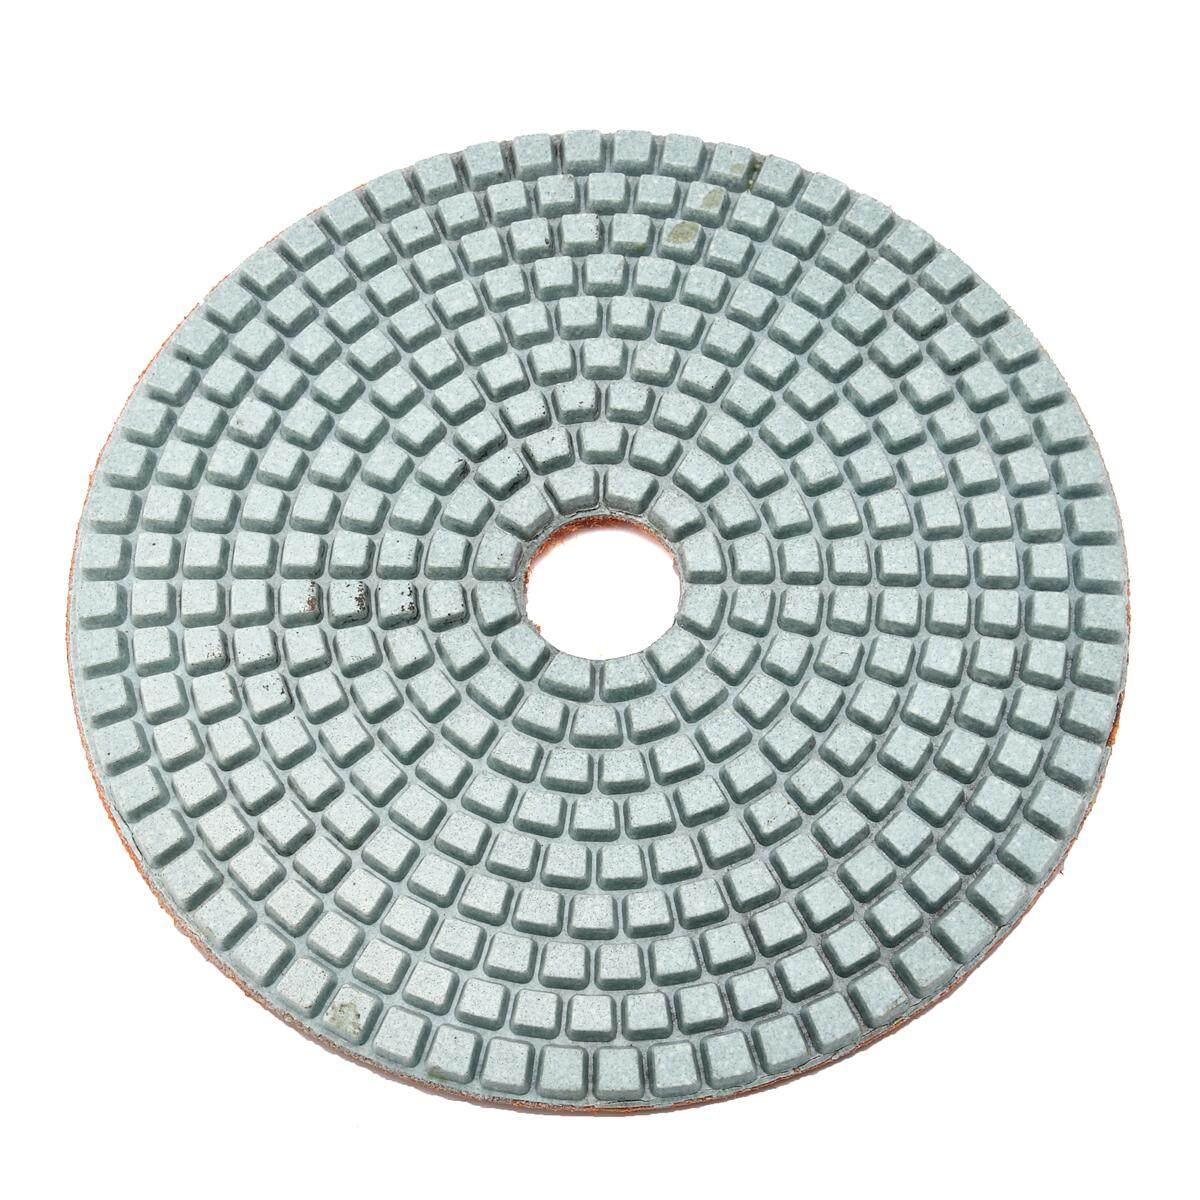 5 Inch 200 Model Kotak-kotak Basah Kering Berlian Alas Poles Amplas Disc Granit Beton